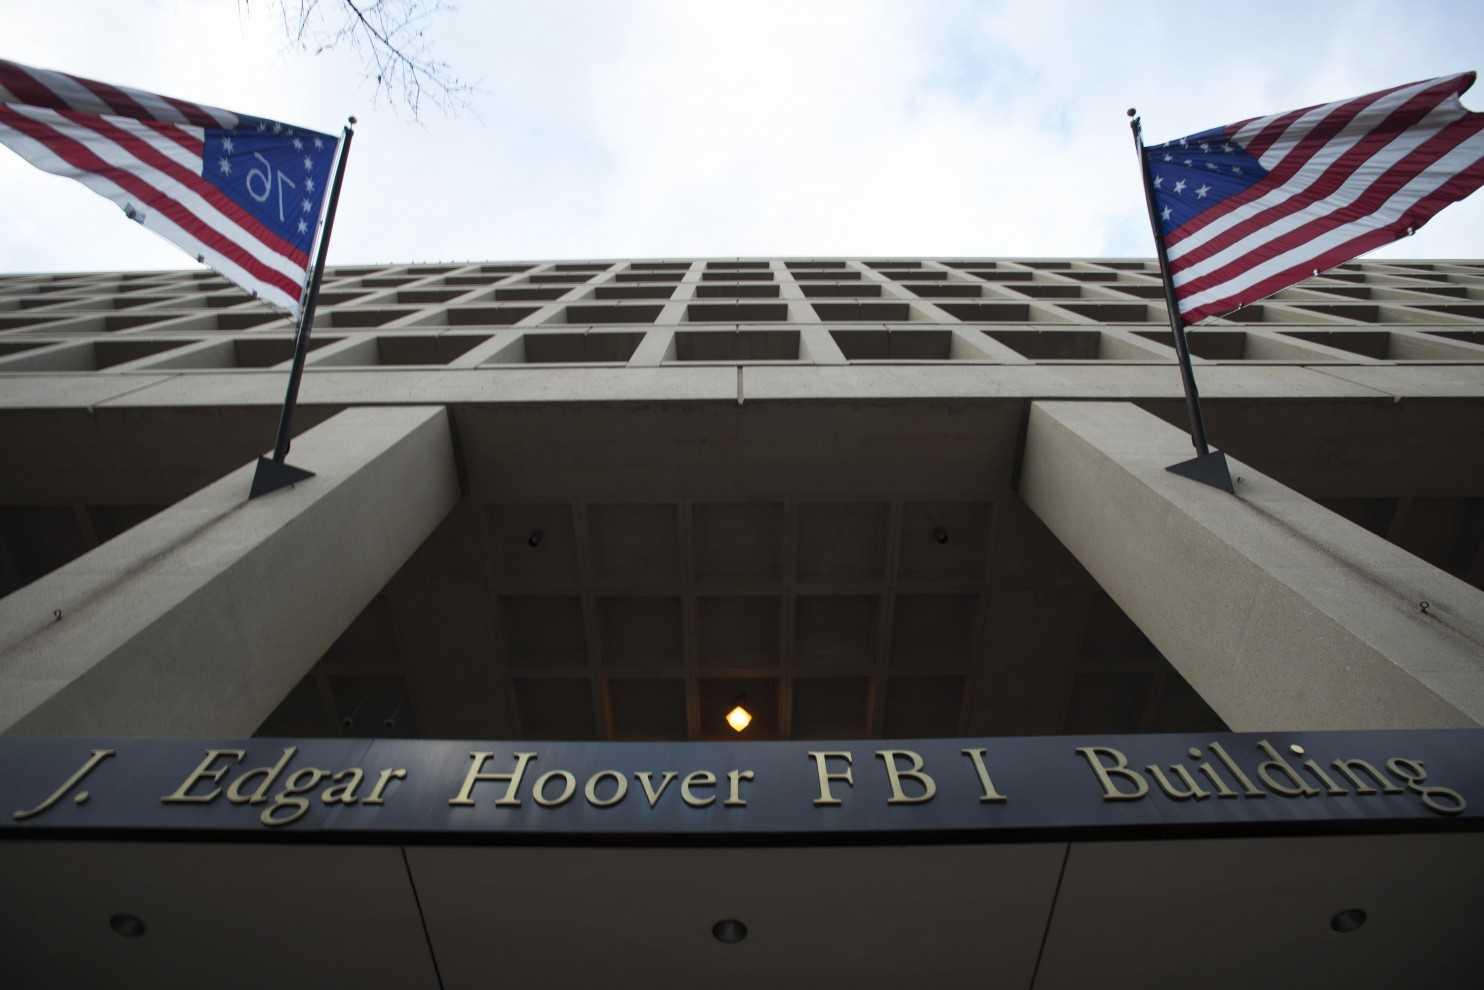 Halucinant: EXPERTII CRIMINALISTI AI FBI AU DEPUS MARTURII FALSE IN PROCESE CE S-AU SOLDAT INCLUSIV CU PEDEAPSA CU MOARTEA